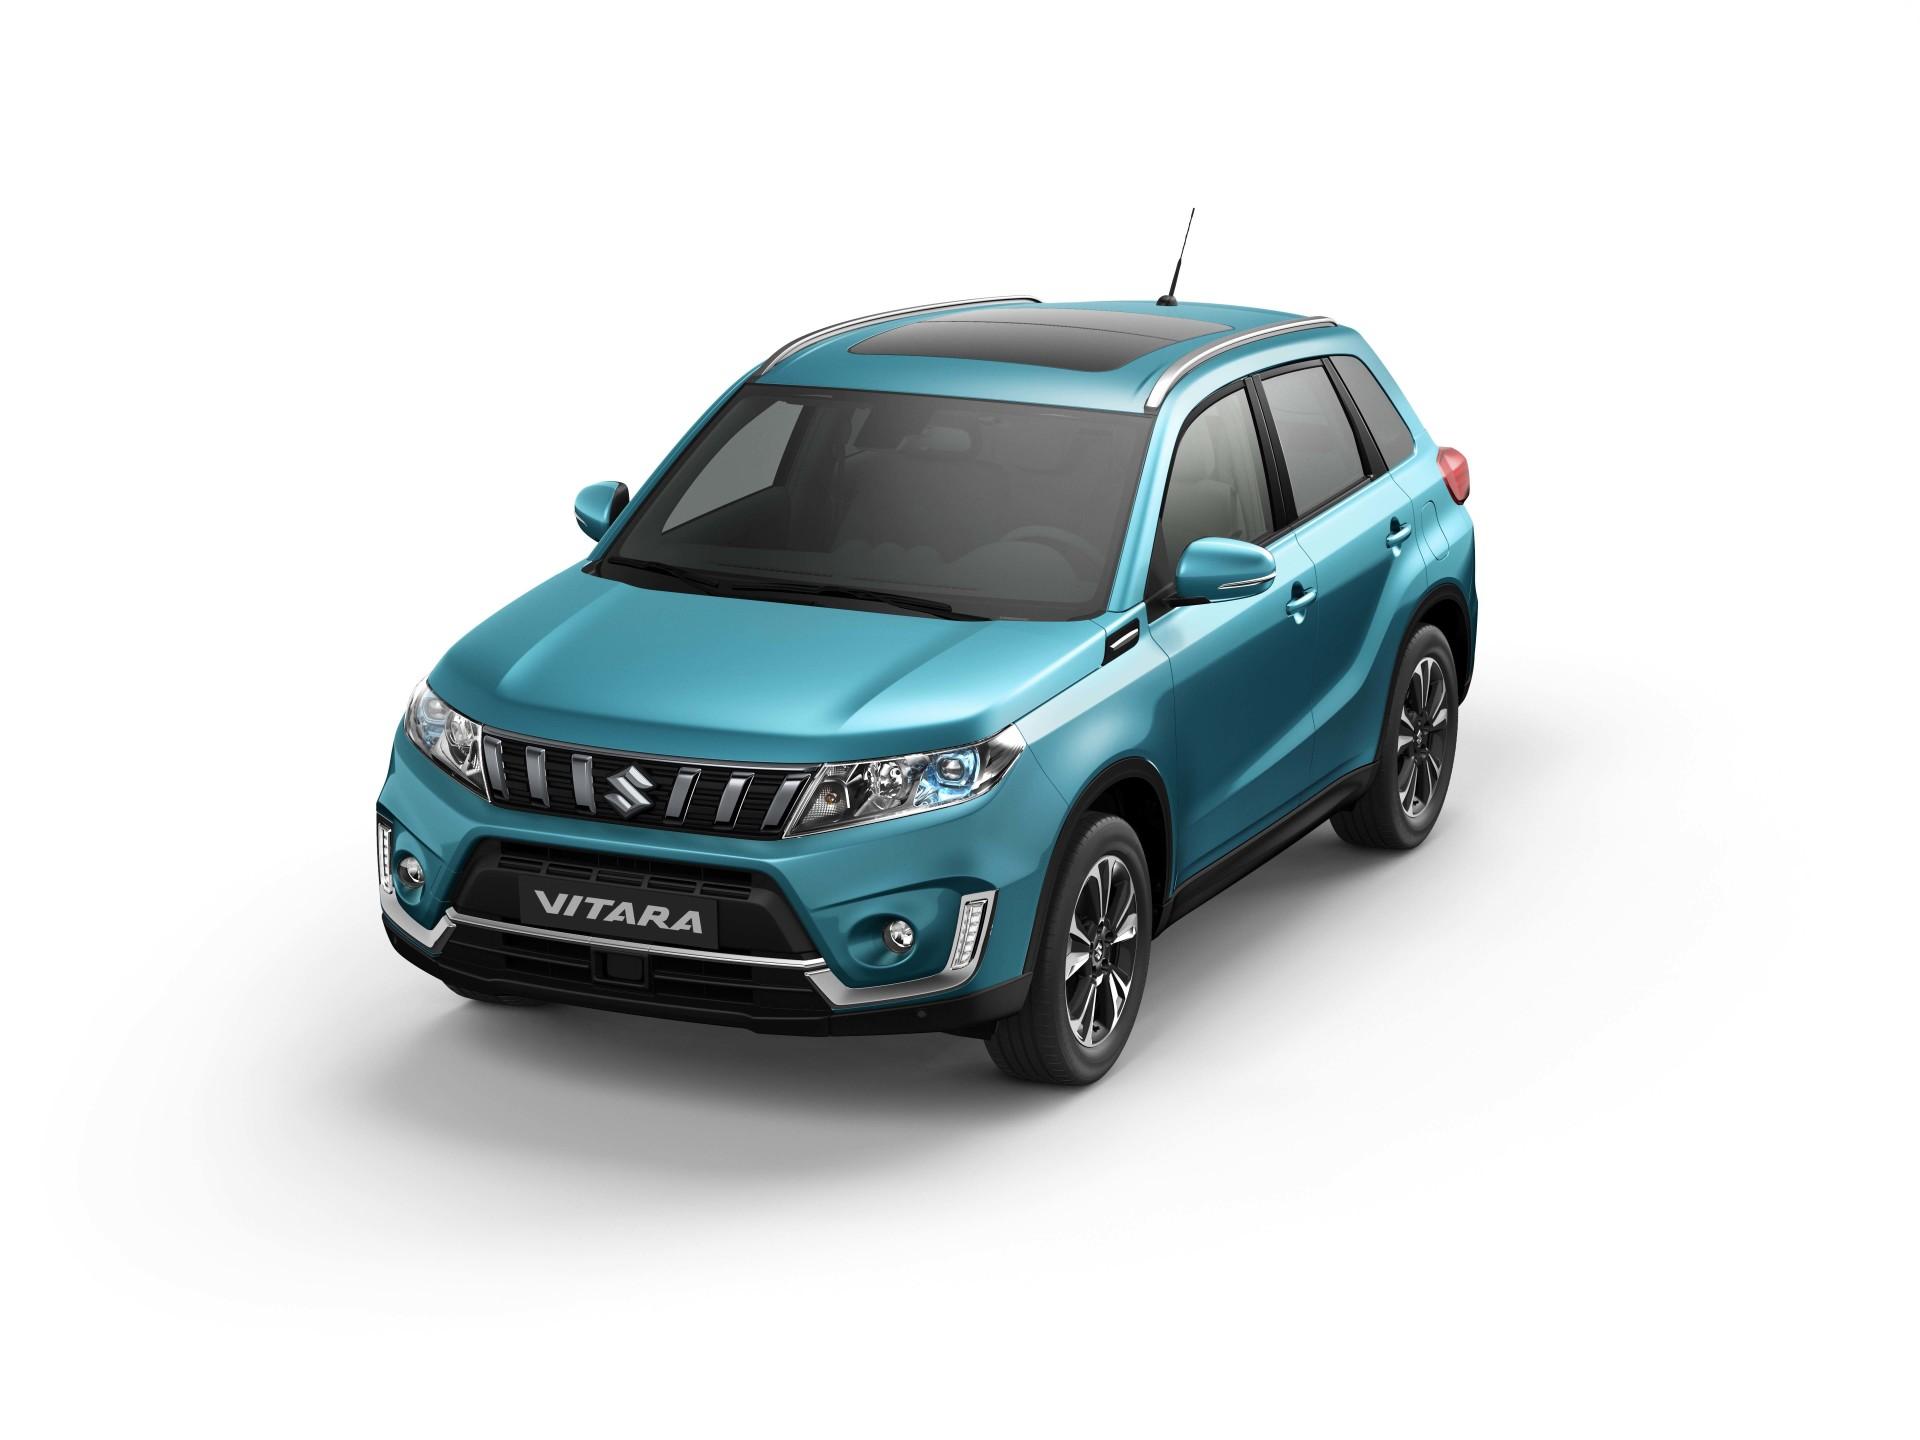 Suzuki Vitara 2018 513